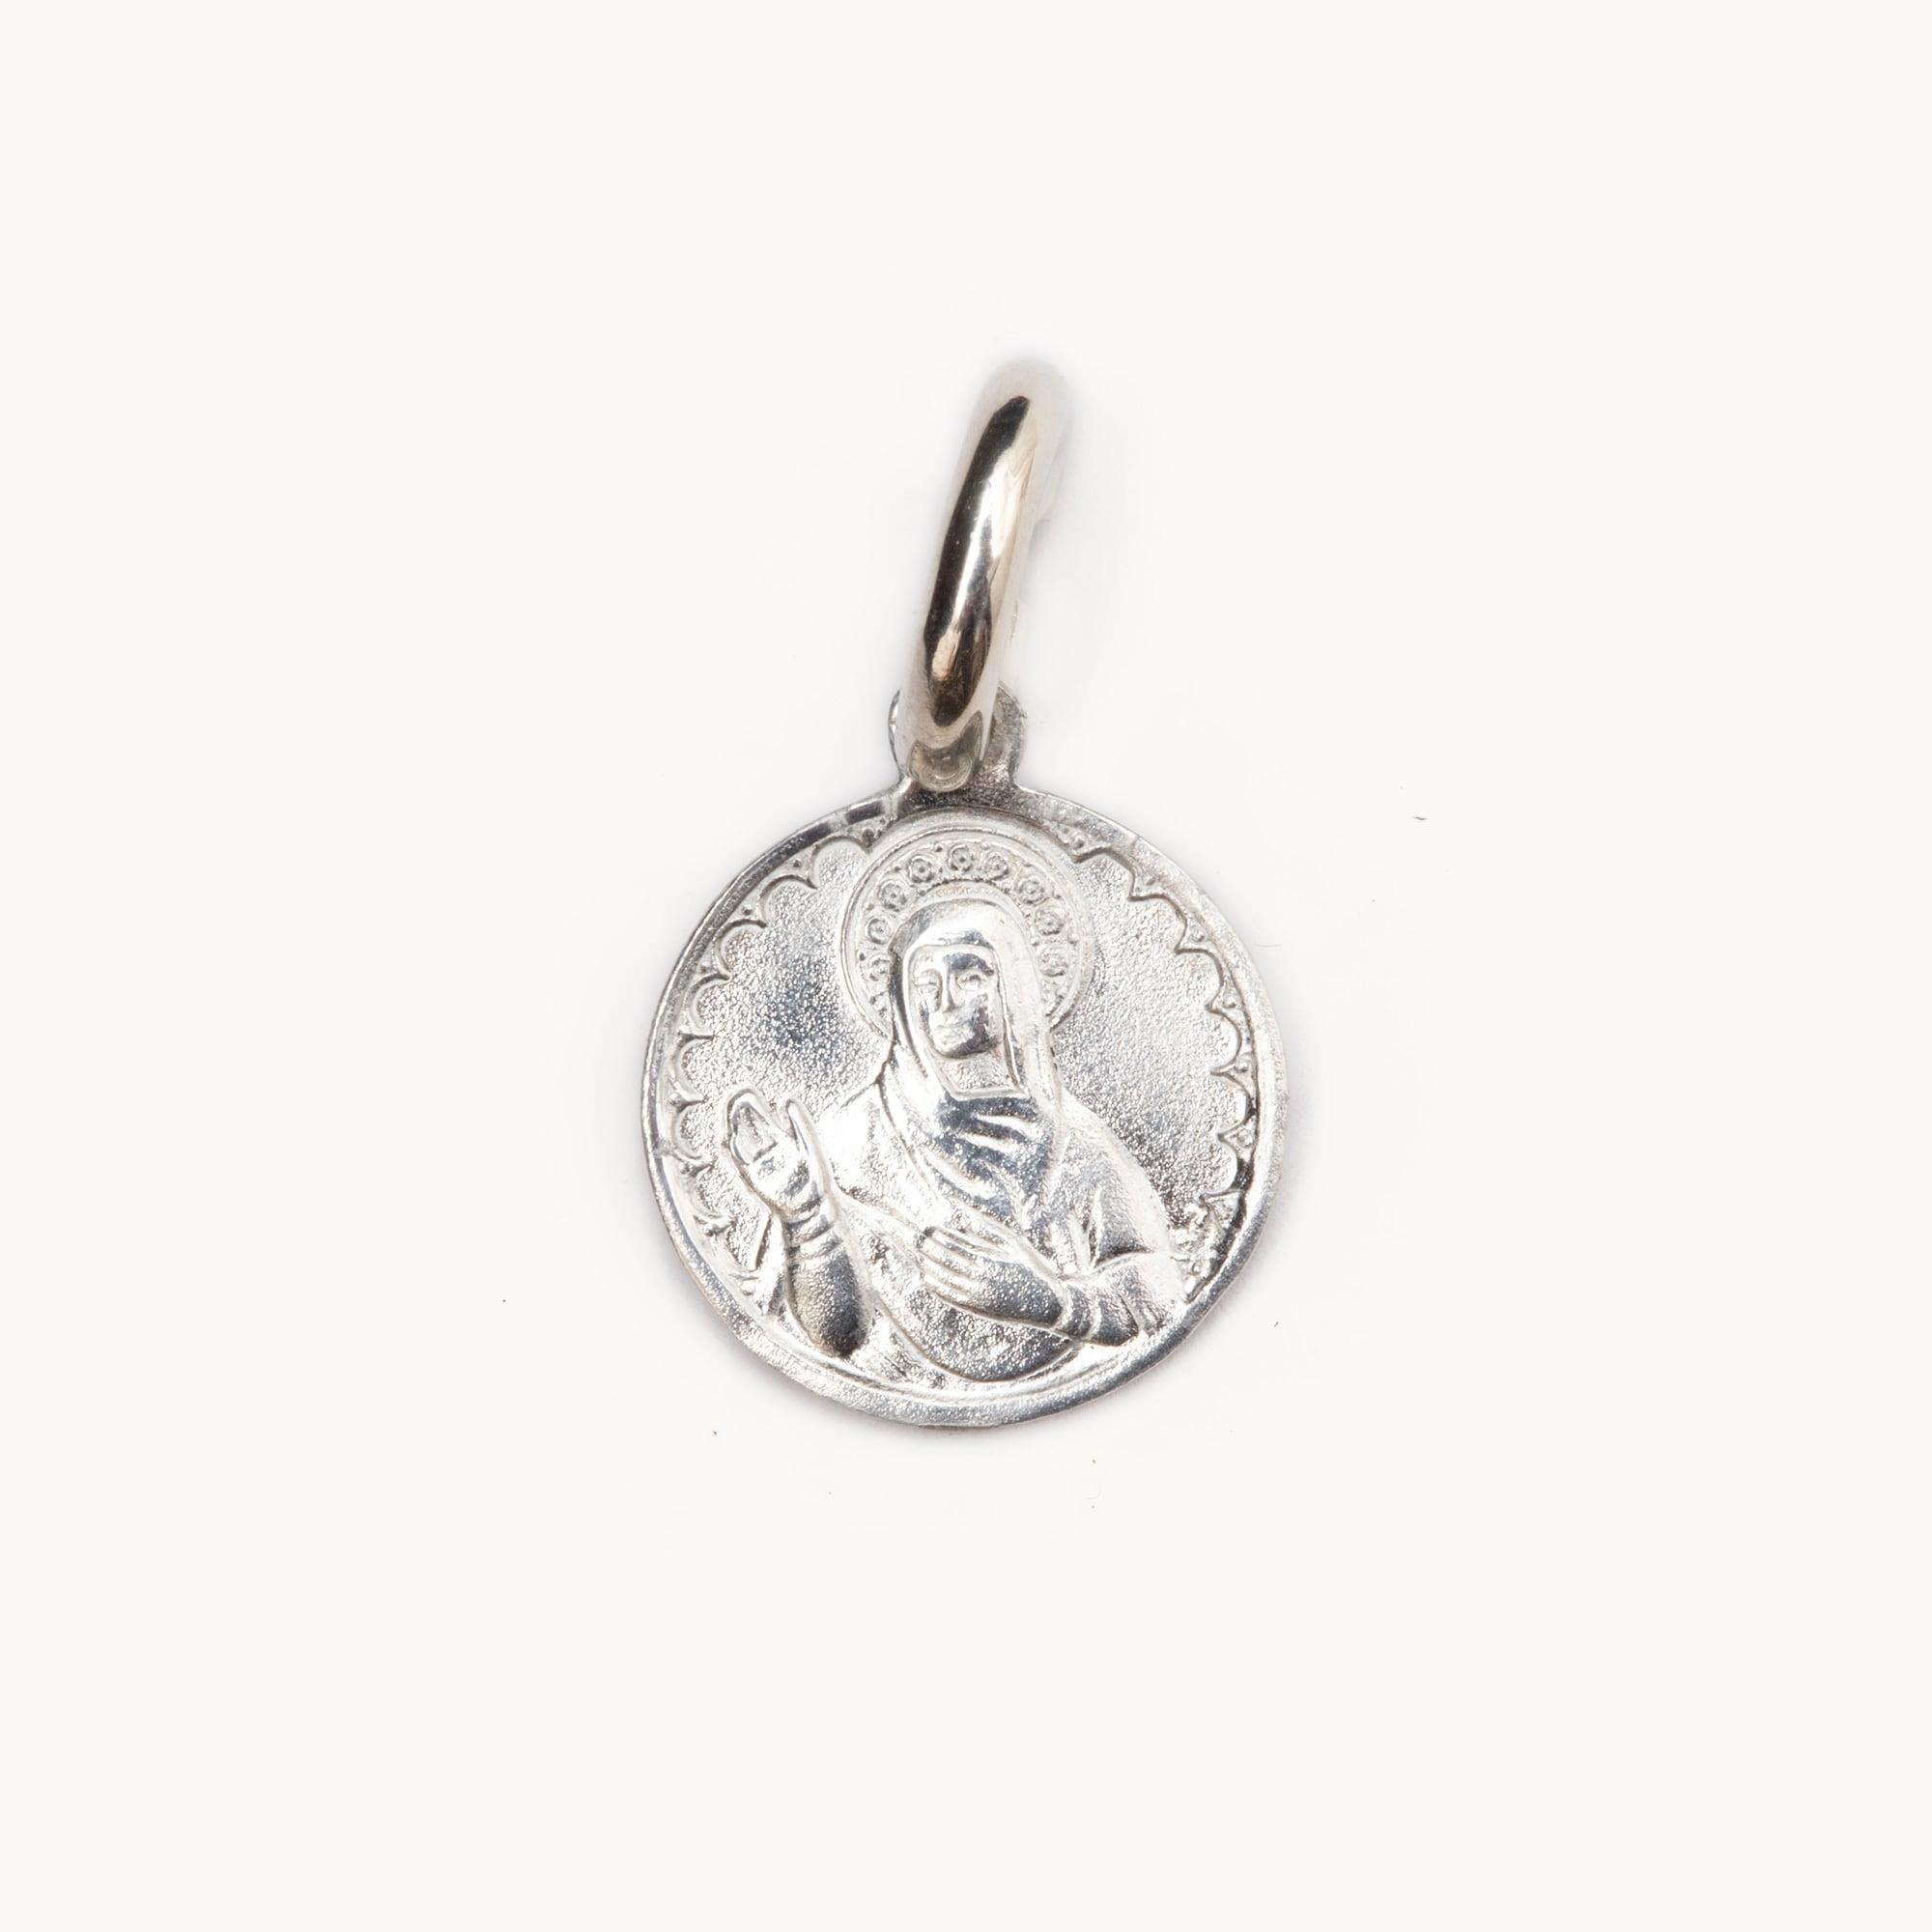 Medal Charm オメダイ チャーム  - art.2002H011010